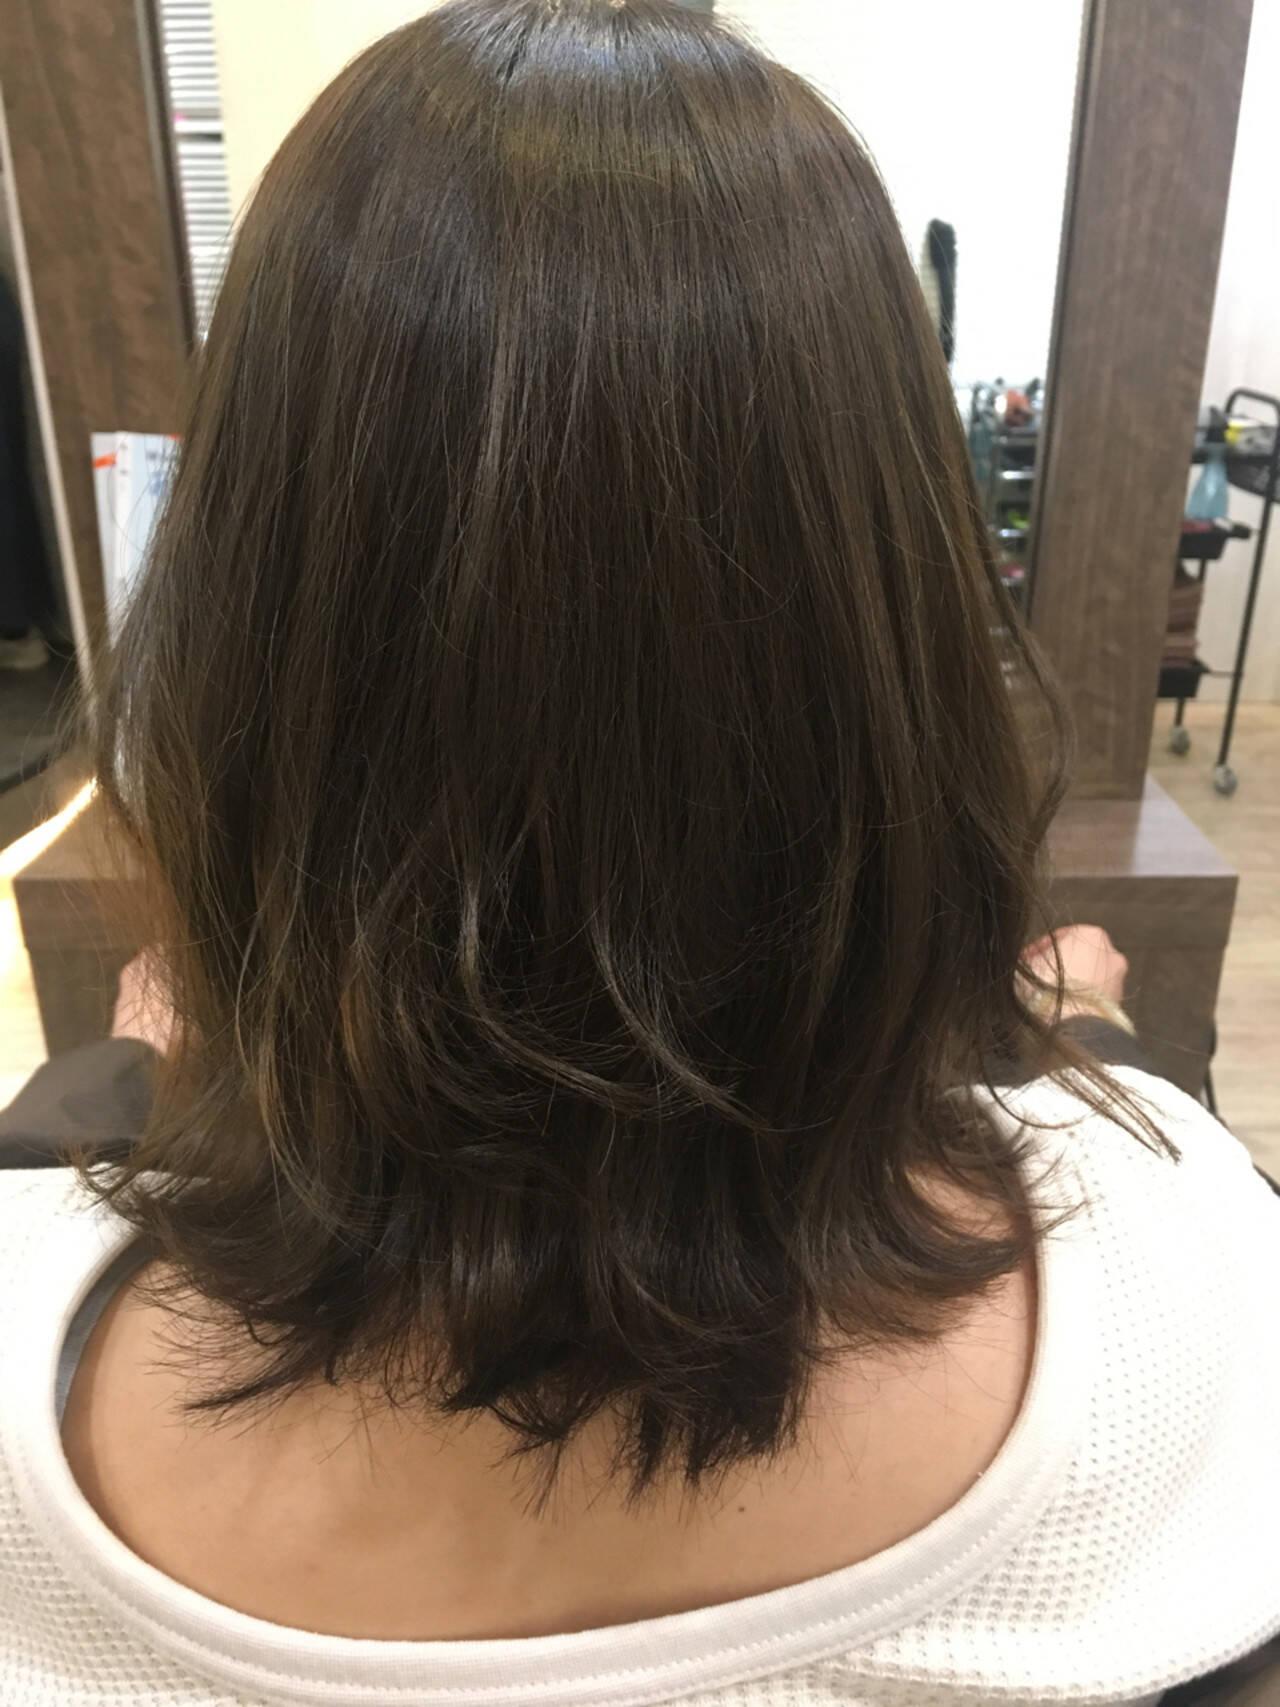 ミディアム レイヤーカット ボブ ヘアアレンジヘアスタイルや髪型の写真・画像